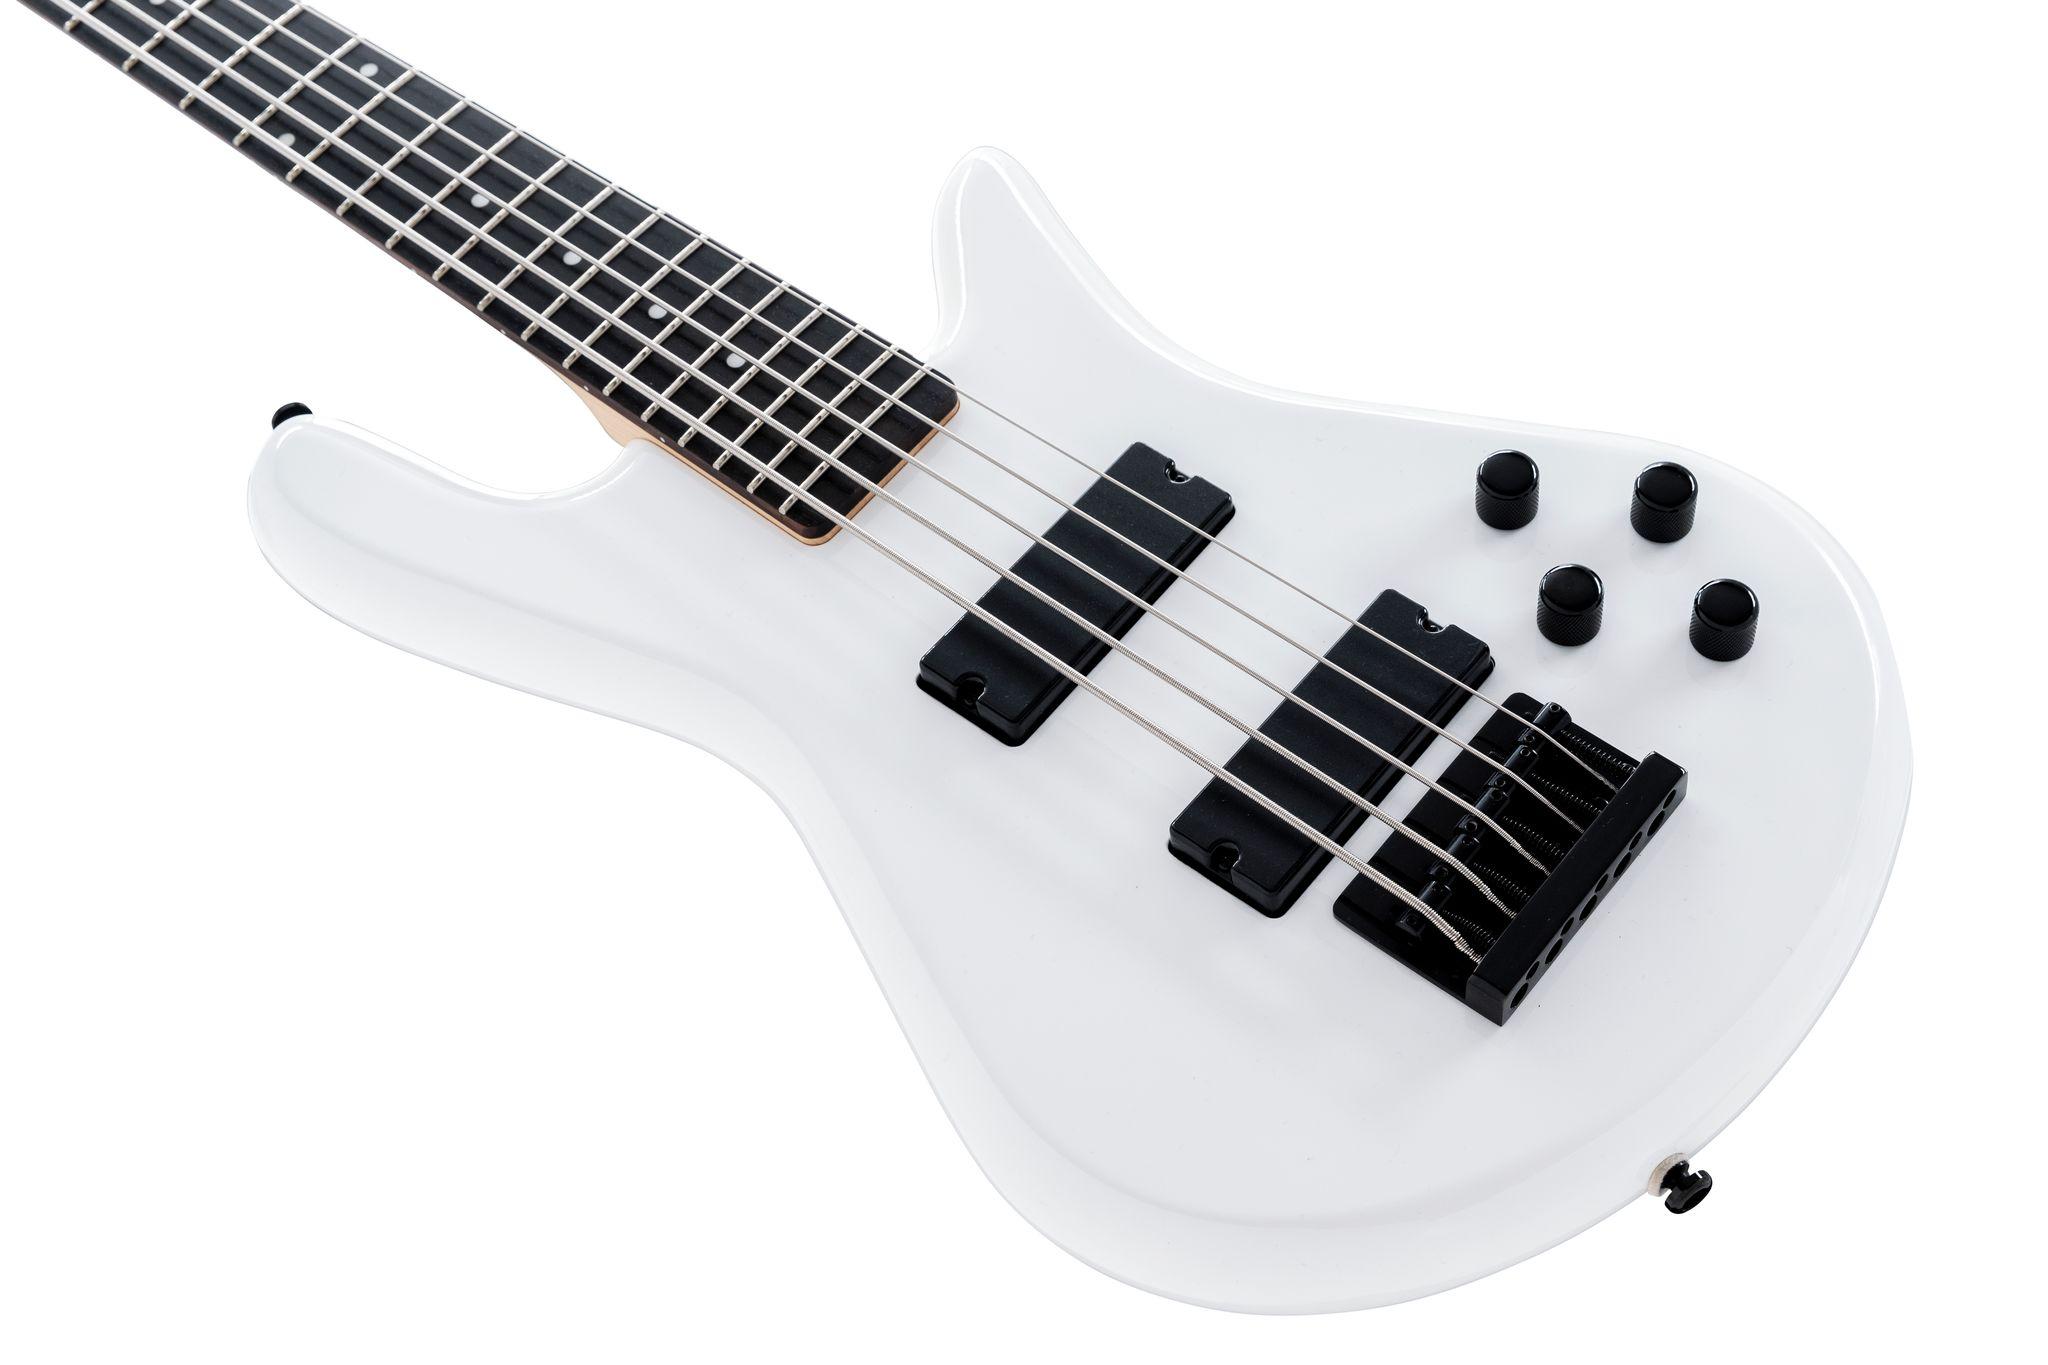 Spector Performer 5, White